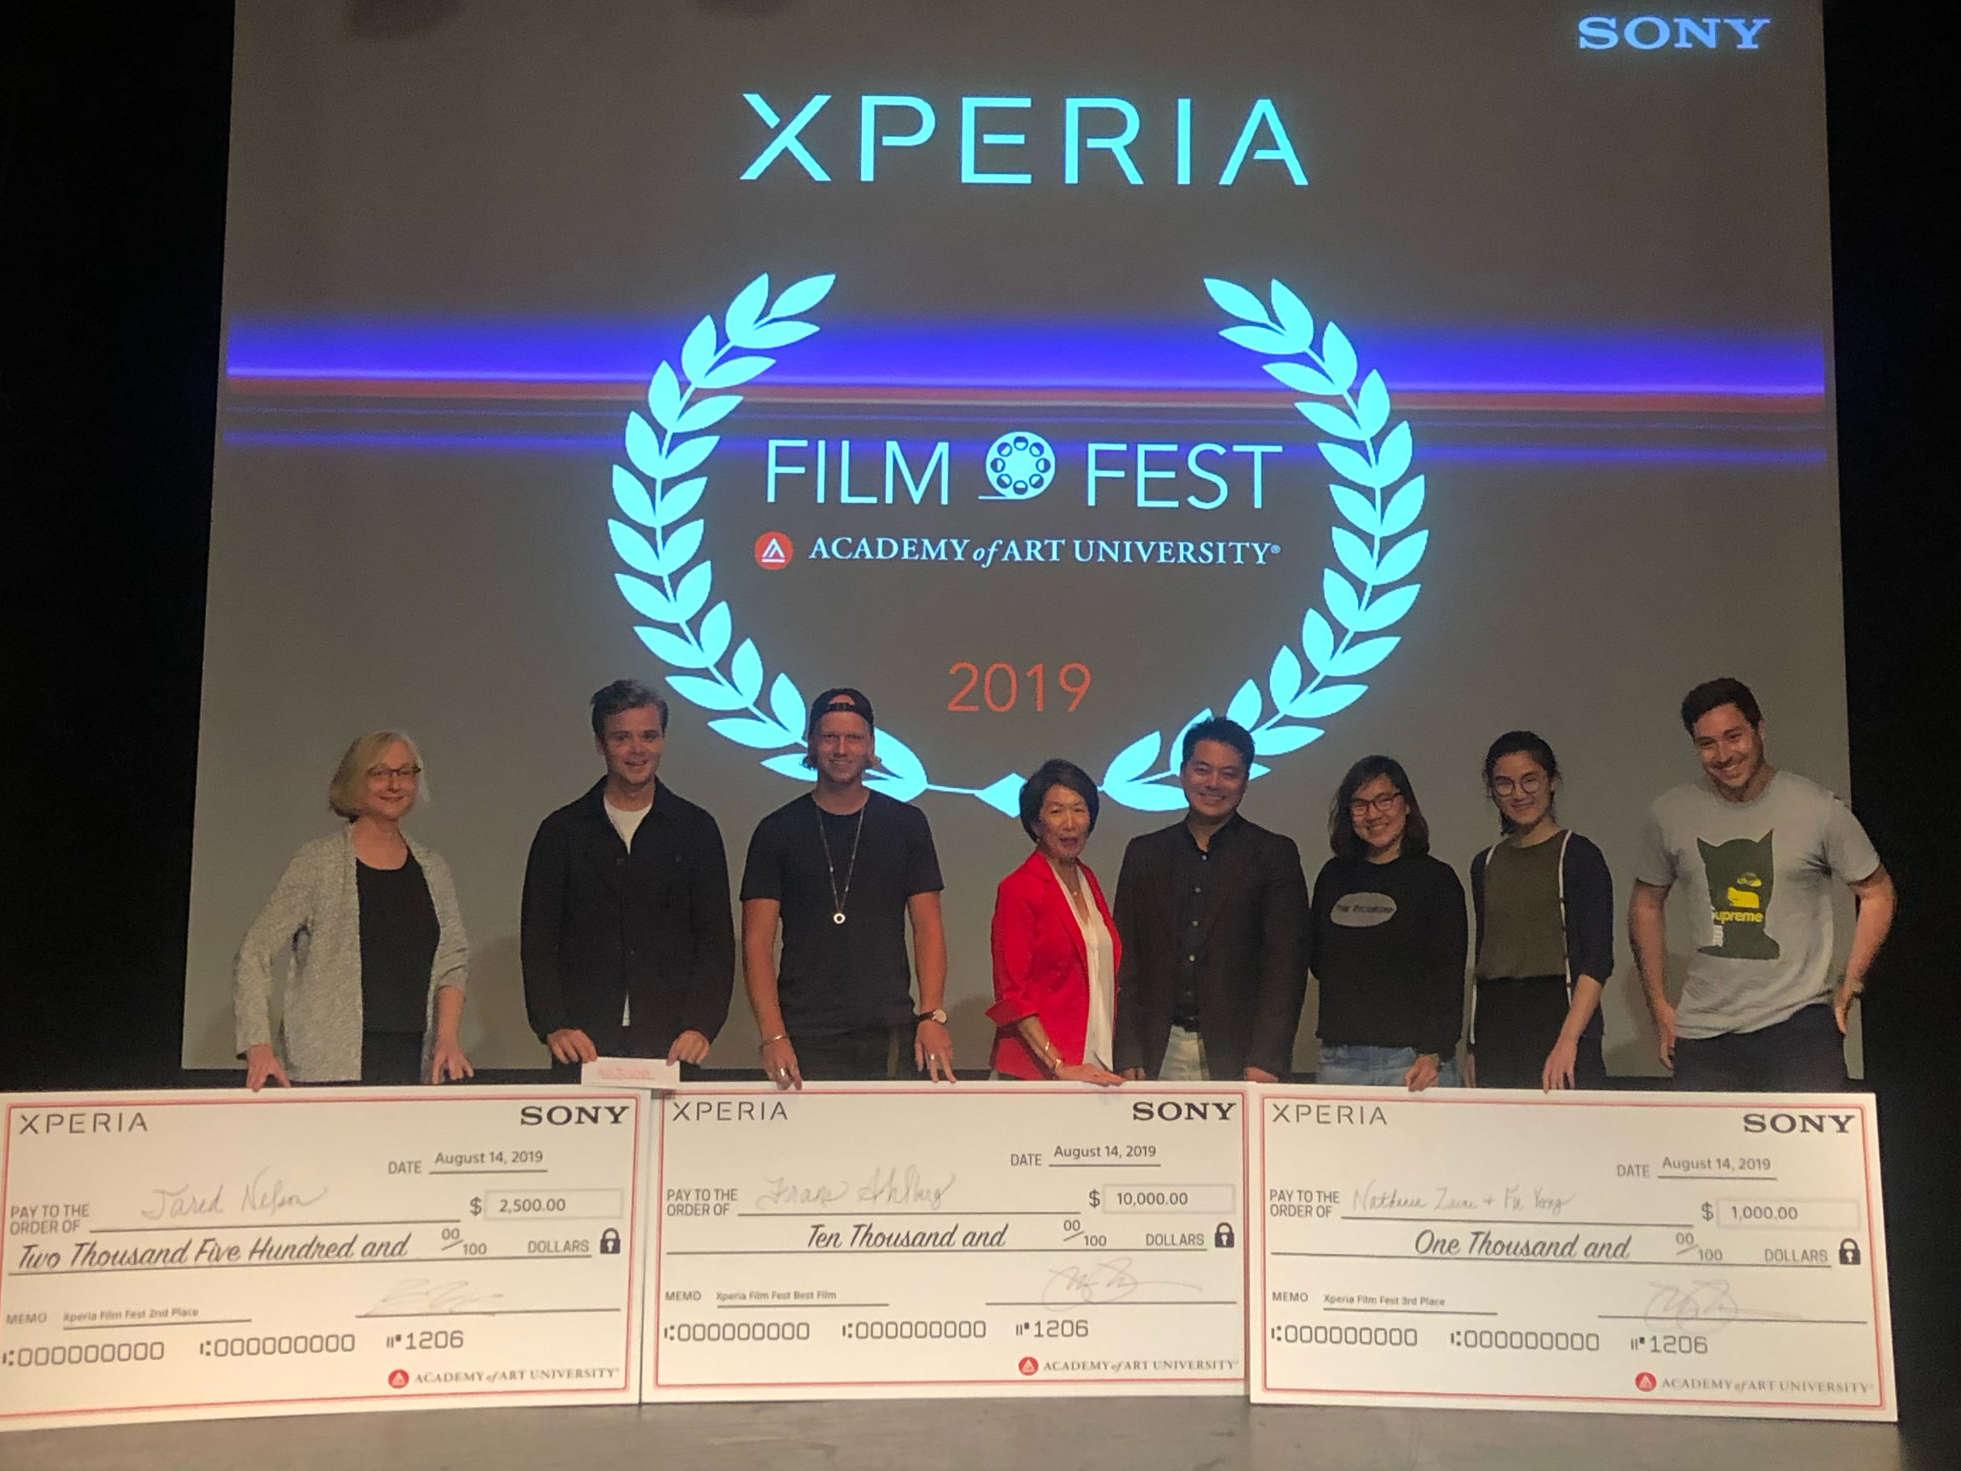 Sony XPERIA Film Festival